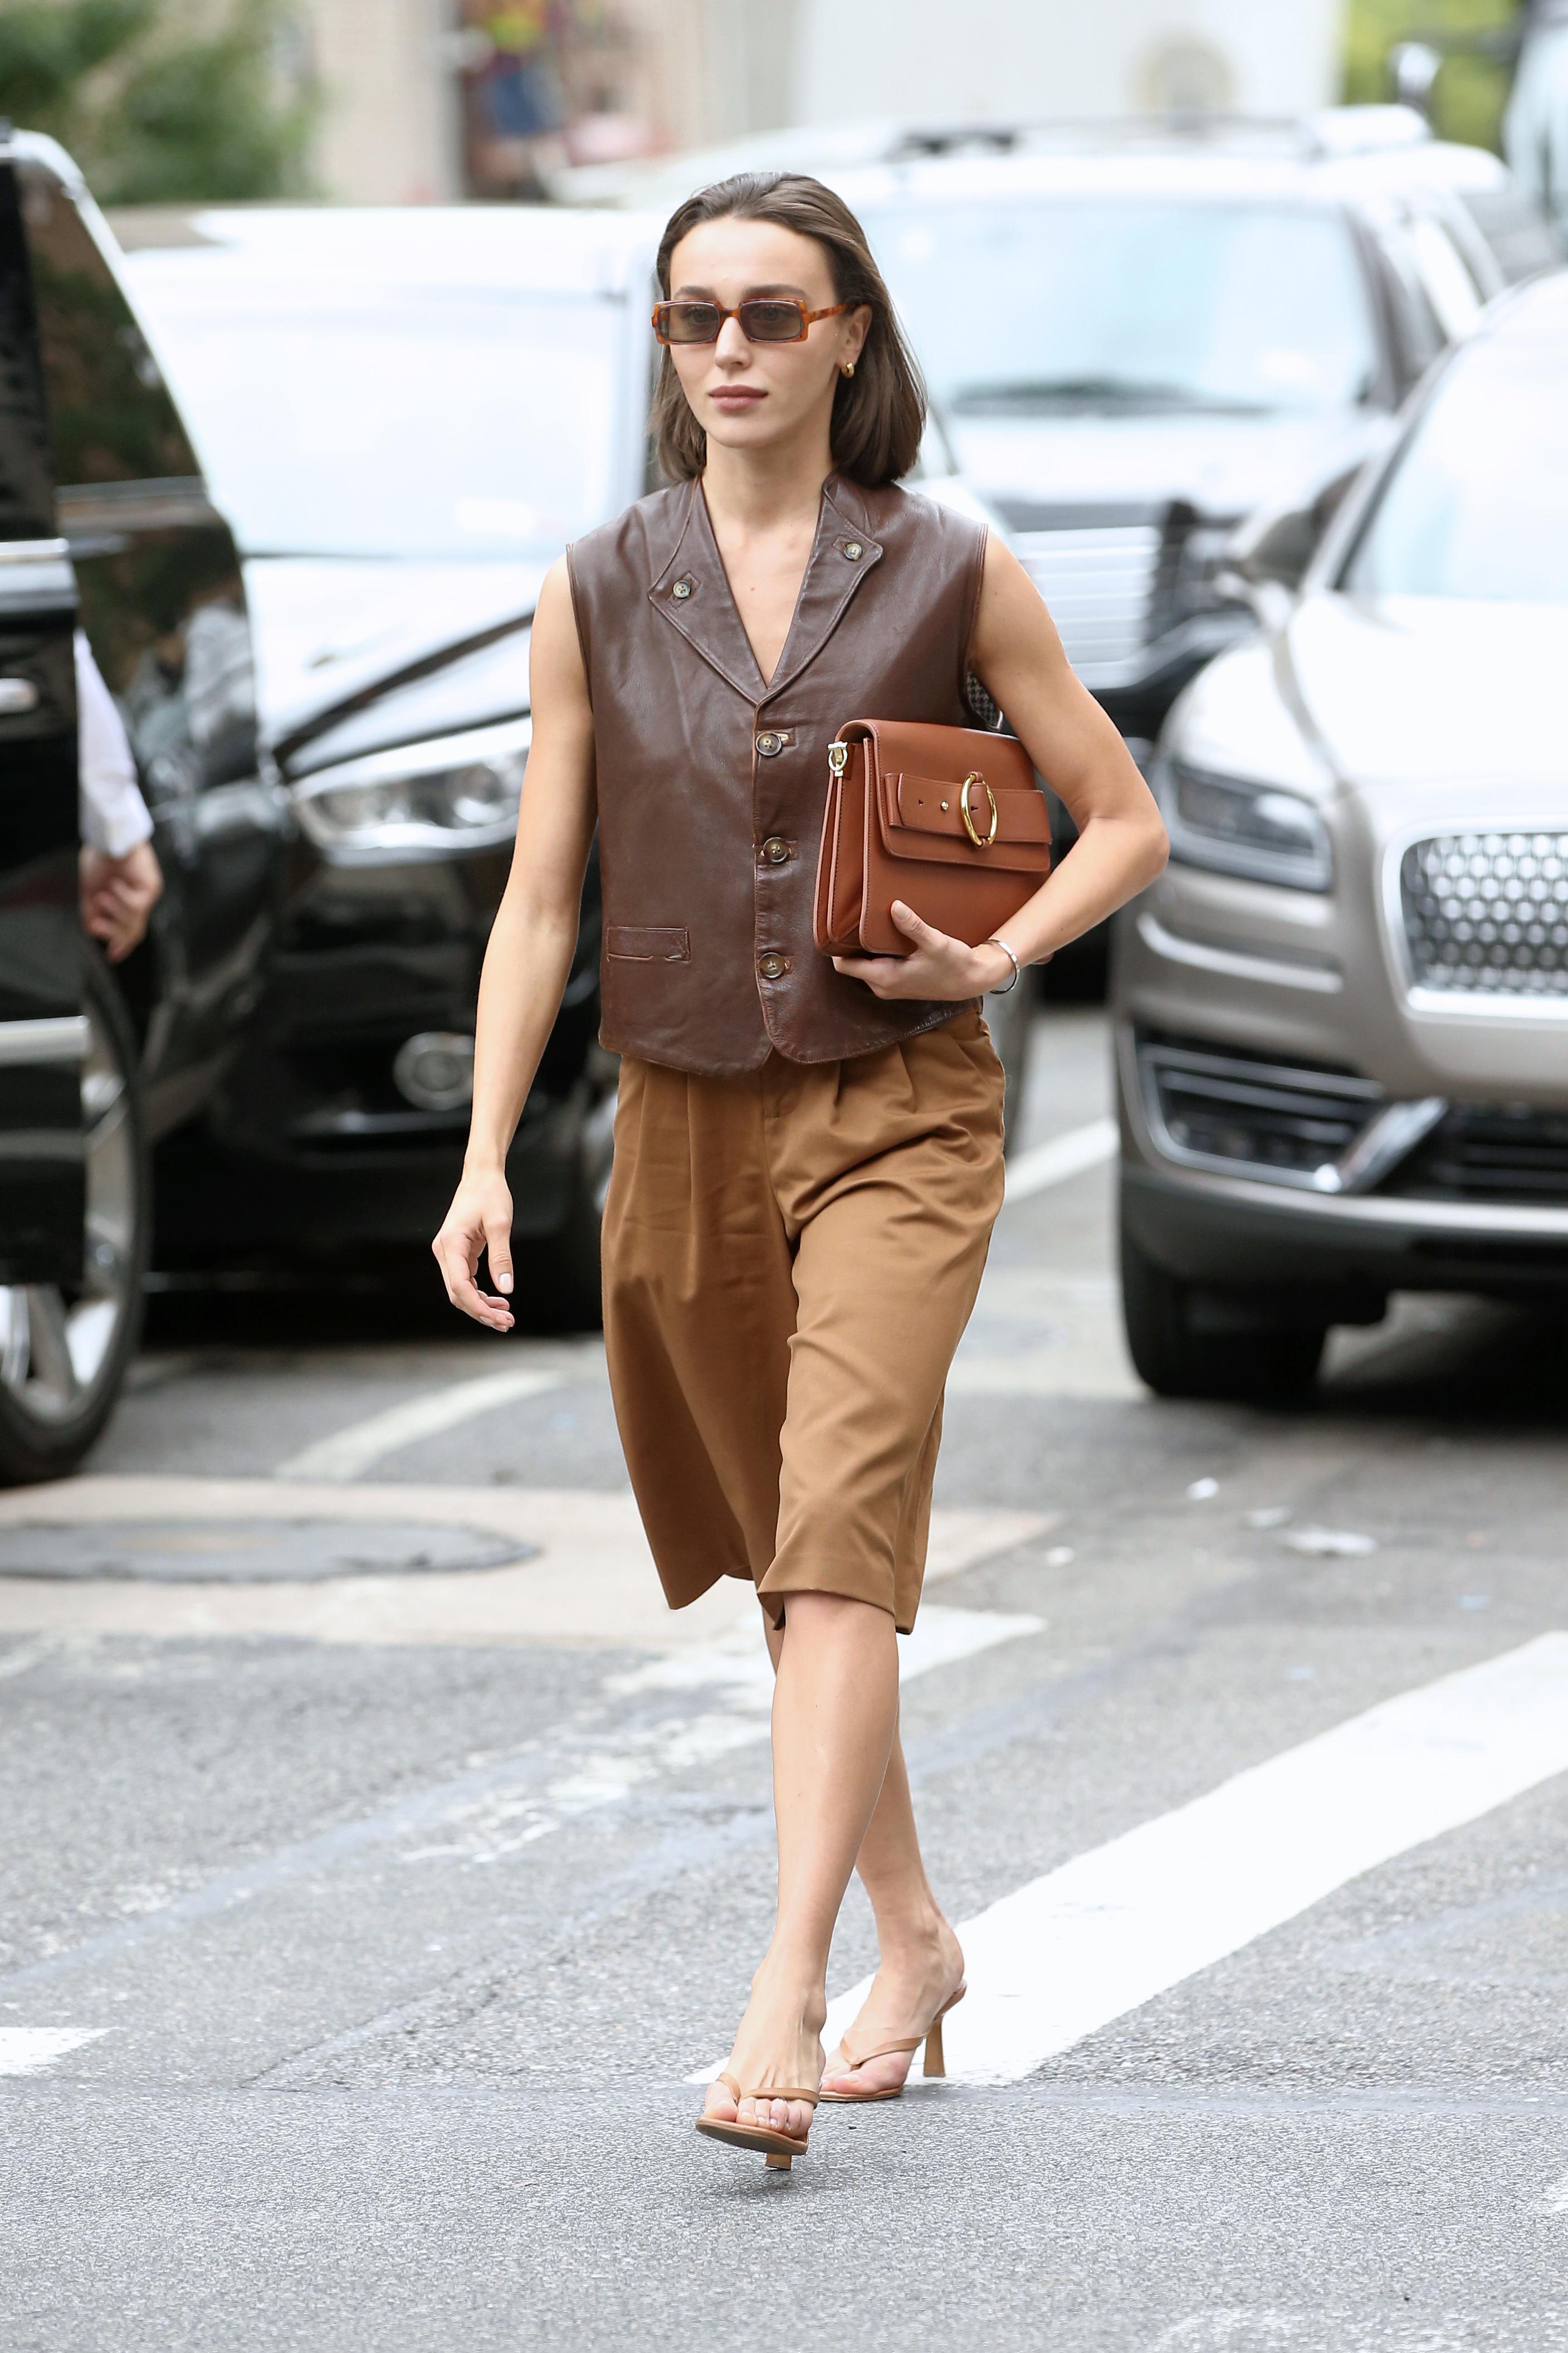 赵小棠郑爽都爱的百慕大短裤 才是今夏的必穿单品!